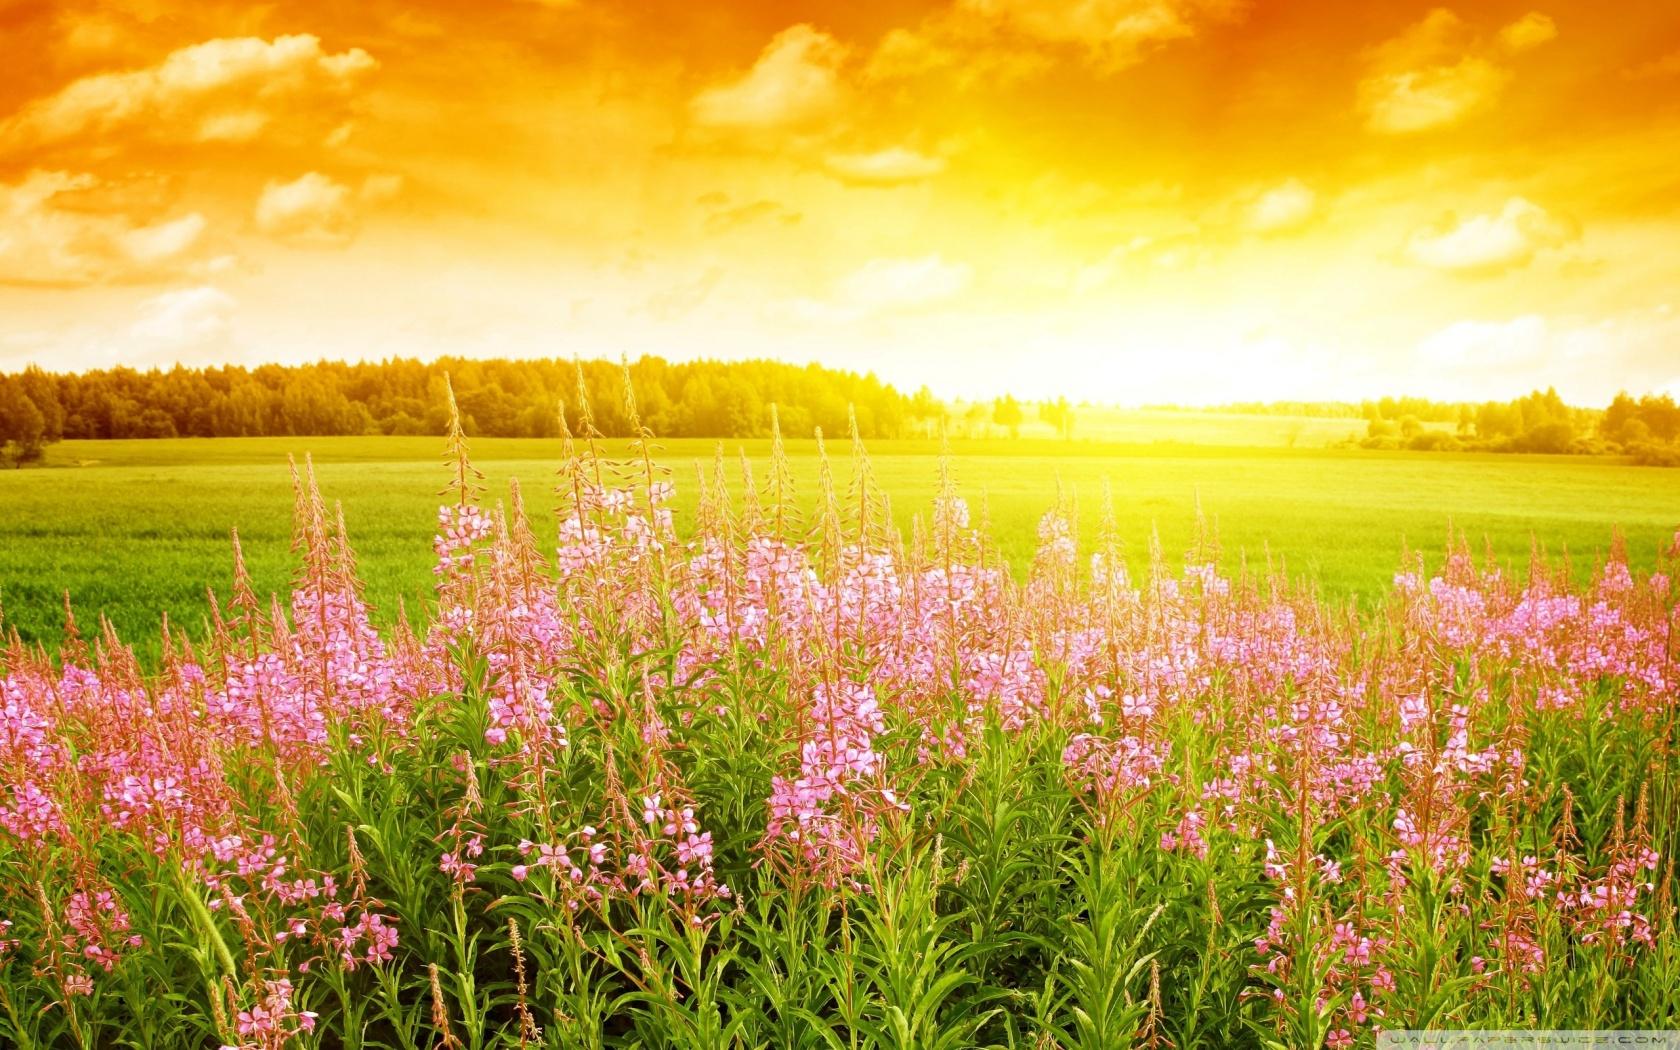 Summer Day HD desktop wallpaper : High Definition : Fullscreen